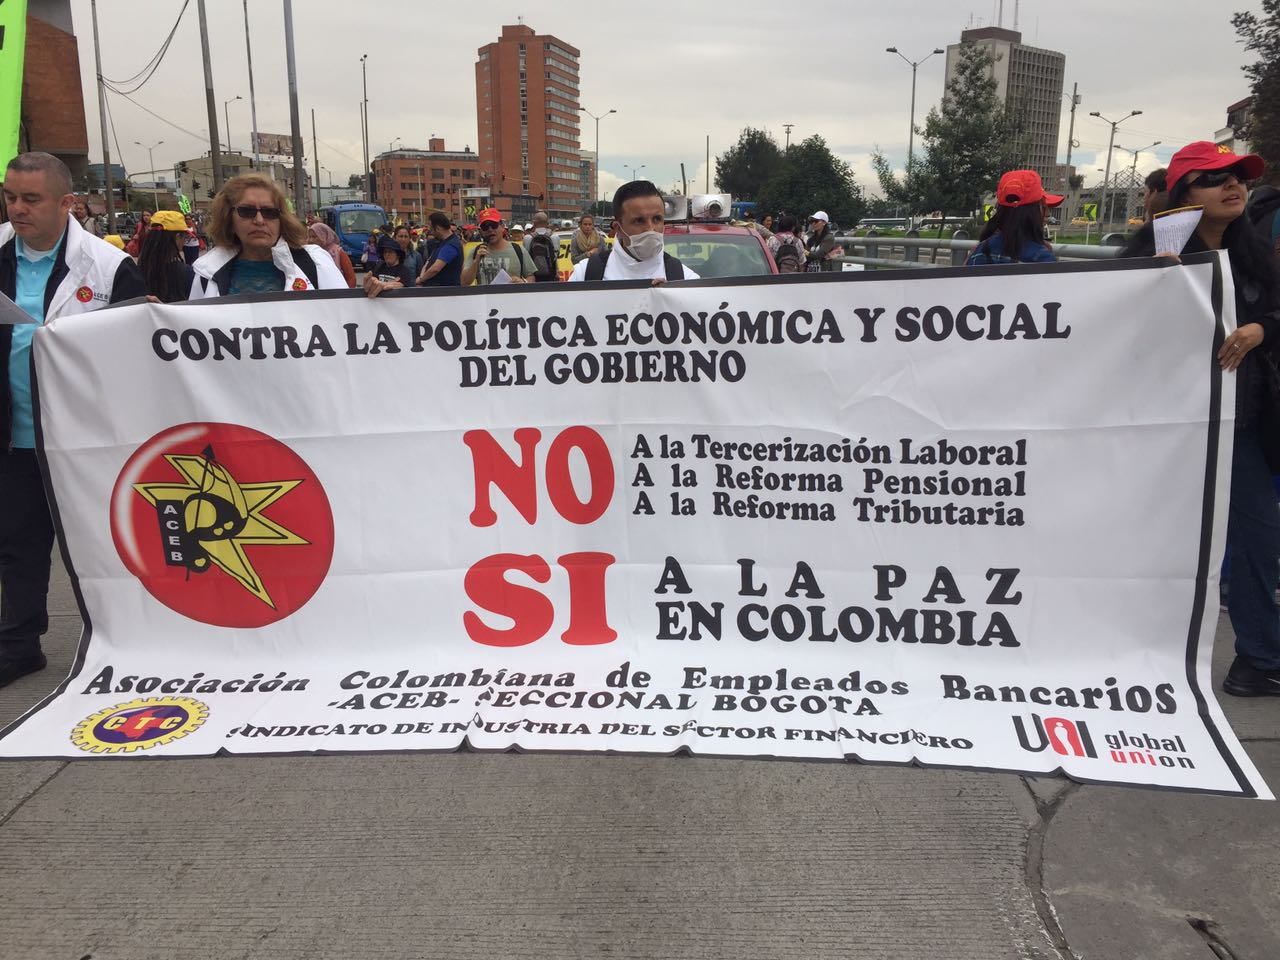 Jornada Nacional de protesta Contra la Reforma Tributaria